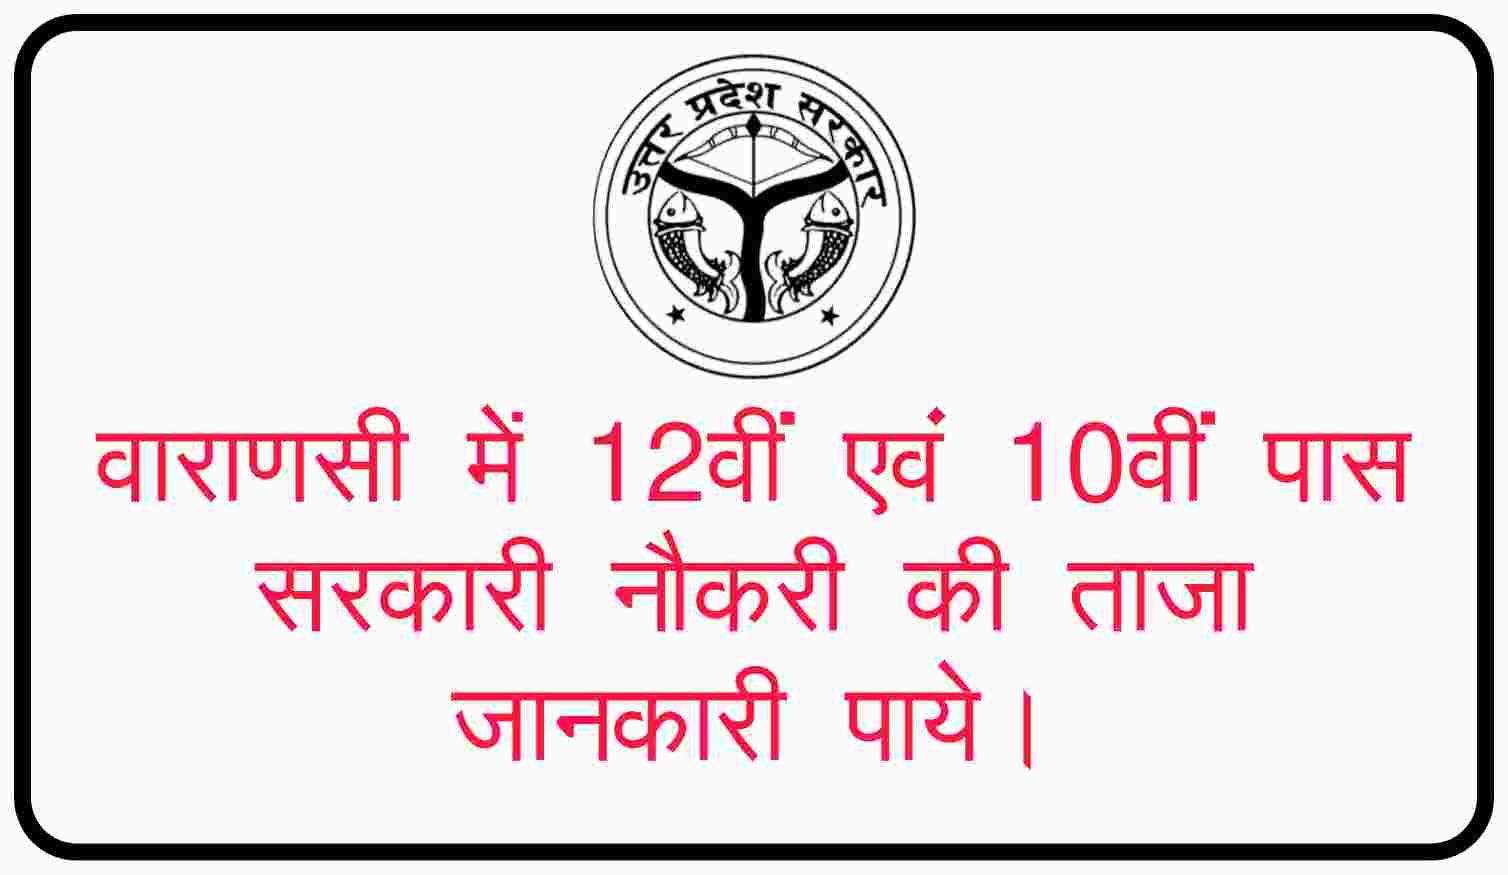 10th 12th Pass sarkari Job Varanasi | 12 वीं पास सरकारी नौकरी | Varanasi 12th pass government job | job for 12th pass